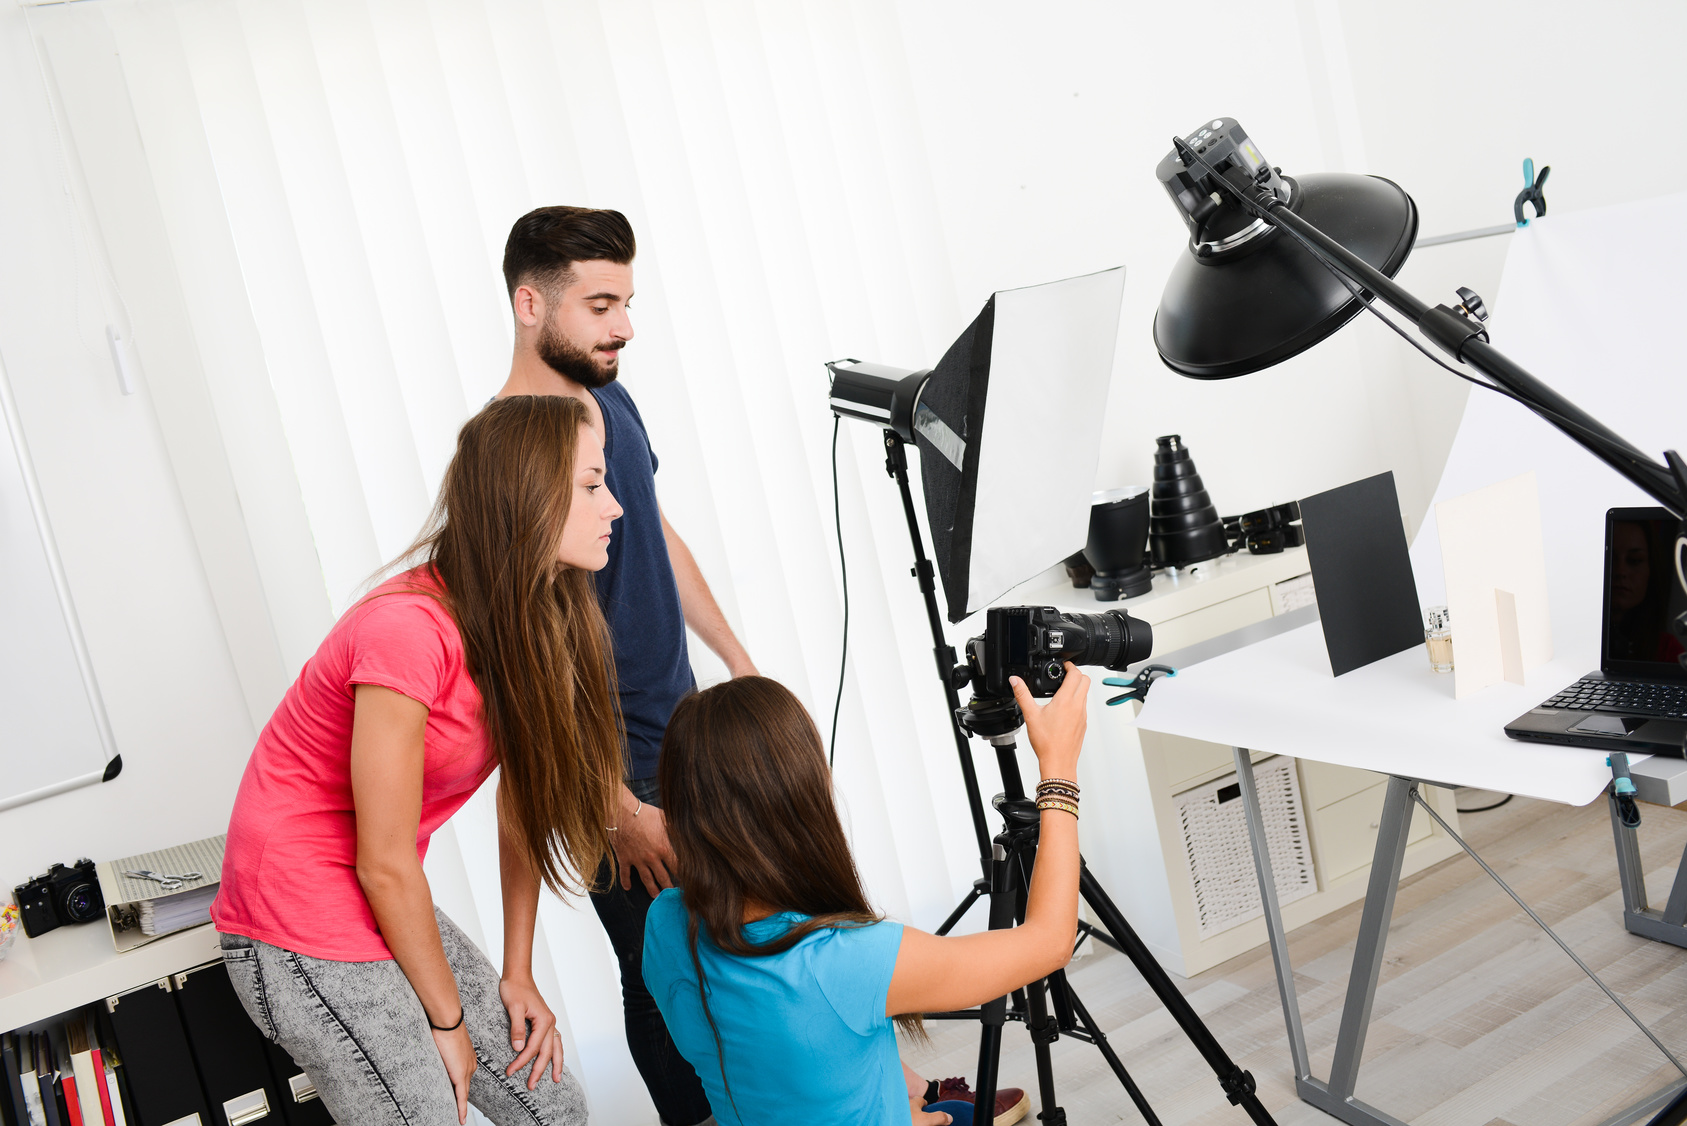 Drei Auszubildende machen Fotos von einer Flasche vor weißem Hintergrund.